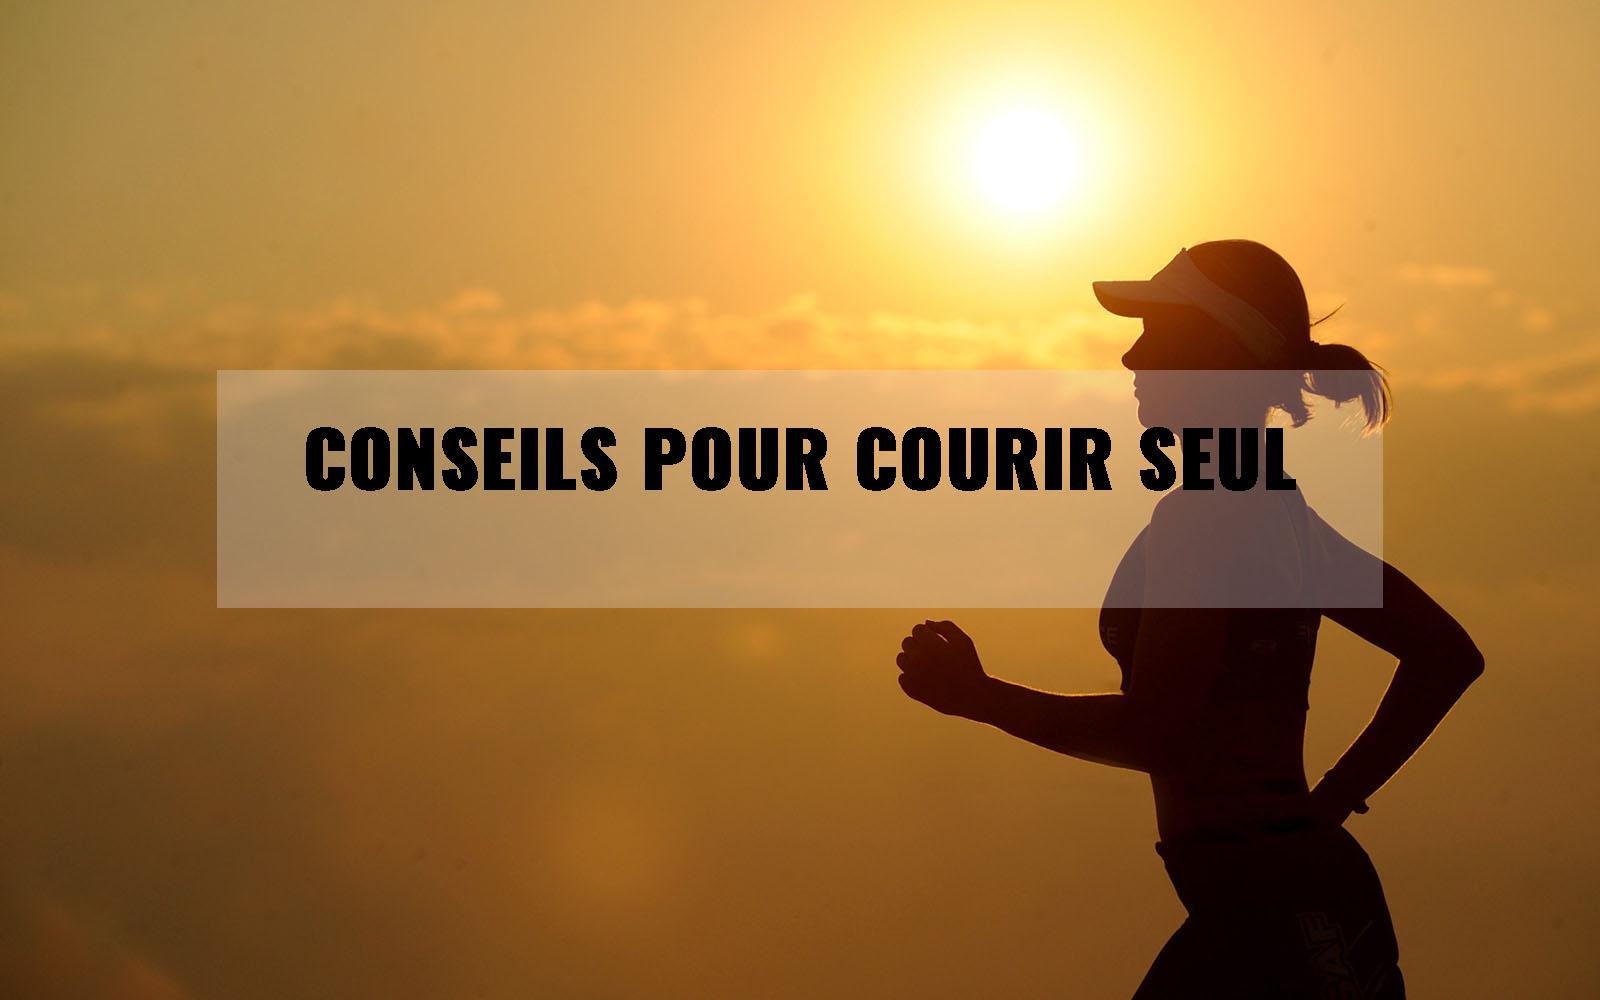 Conseils pour courir seul